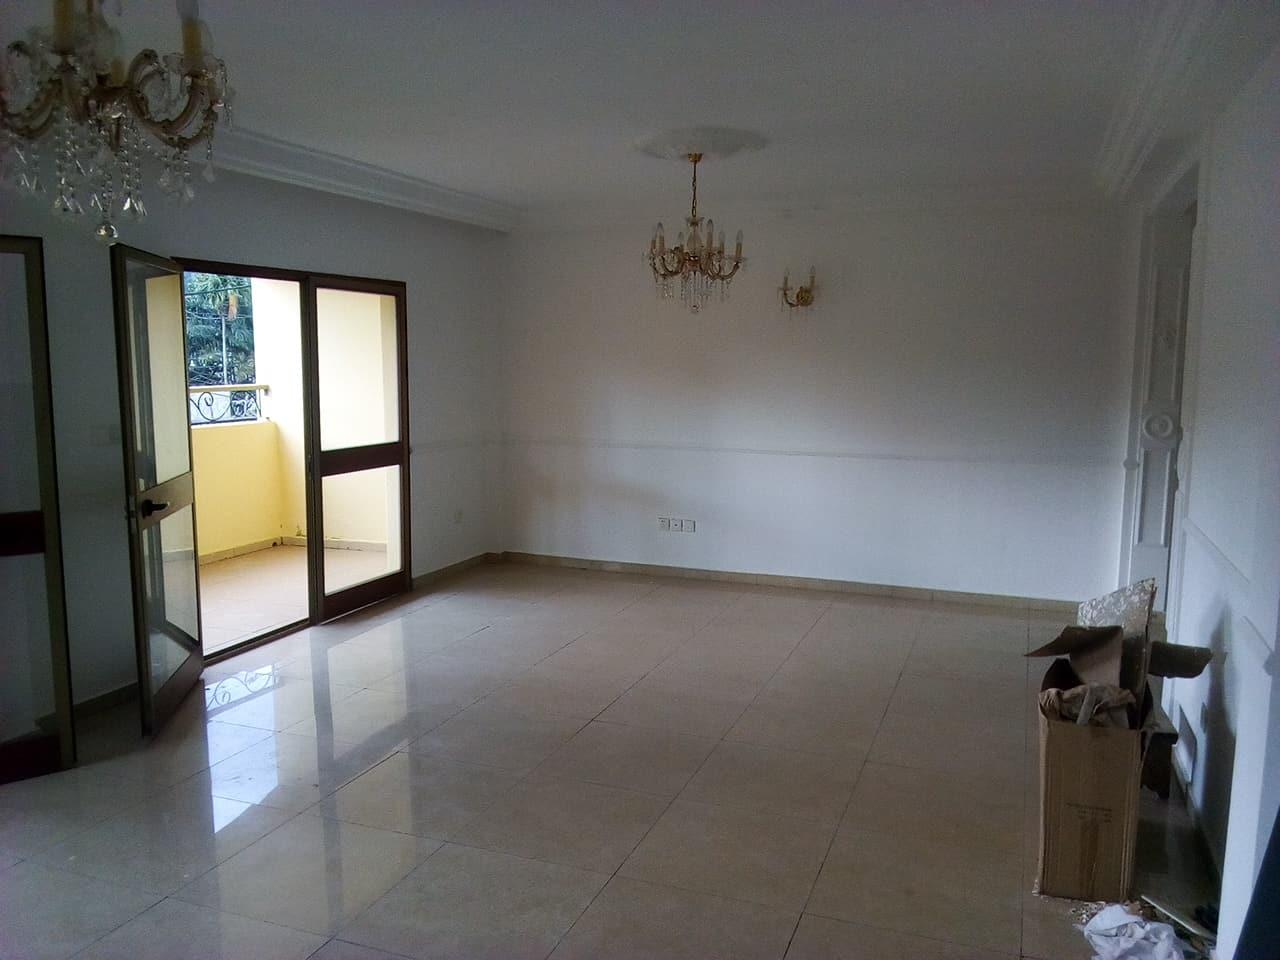 Appartement à louer - Yaoundé, Bastos, pas loin du laboratoire meka - 1 salon(s), 3 chambre(s), 3 salle(s) de bains - 450 000 FCFA / mois